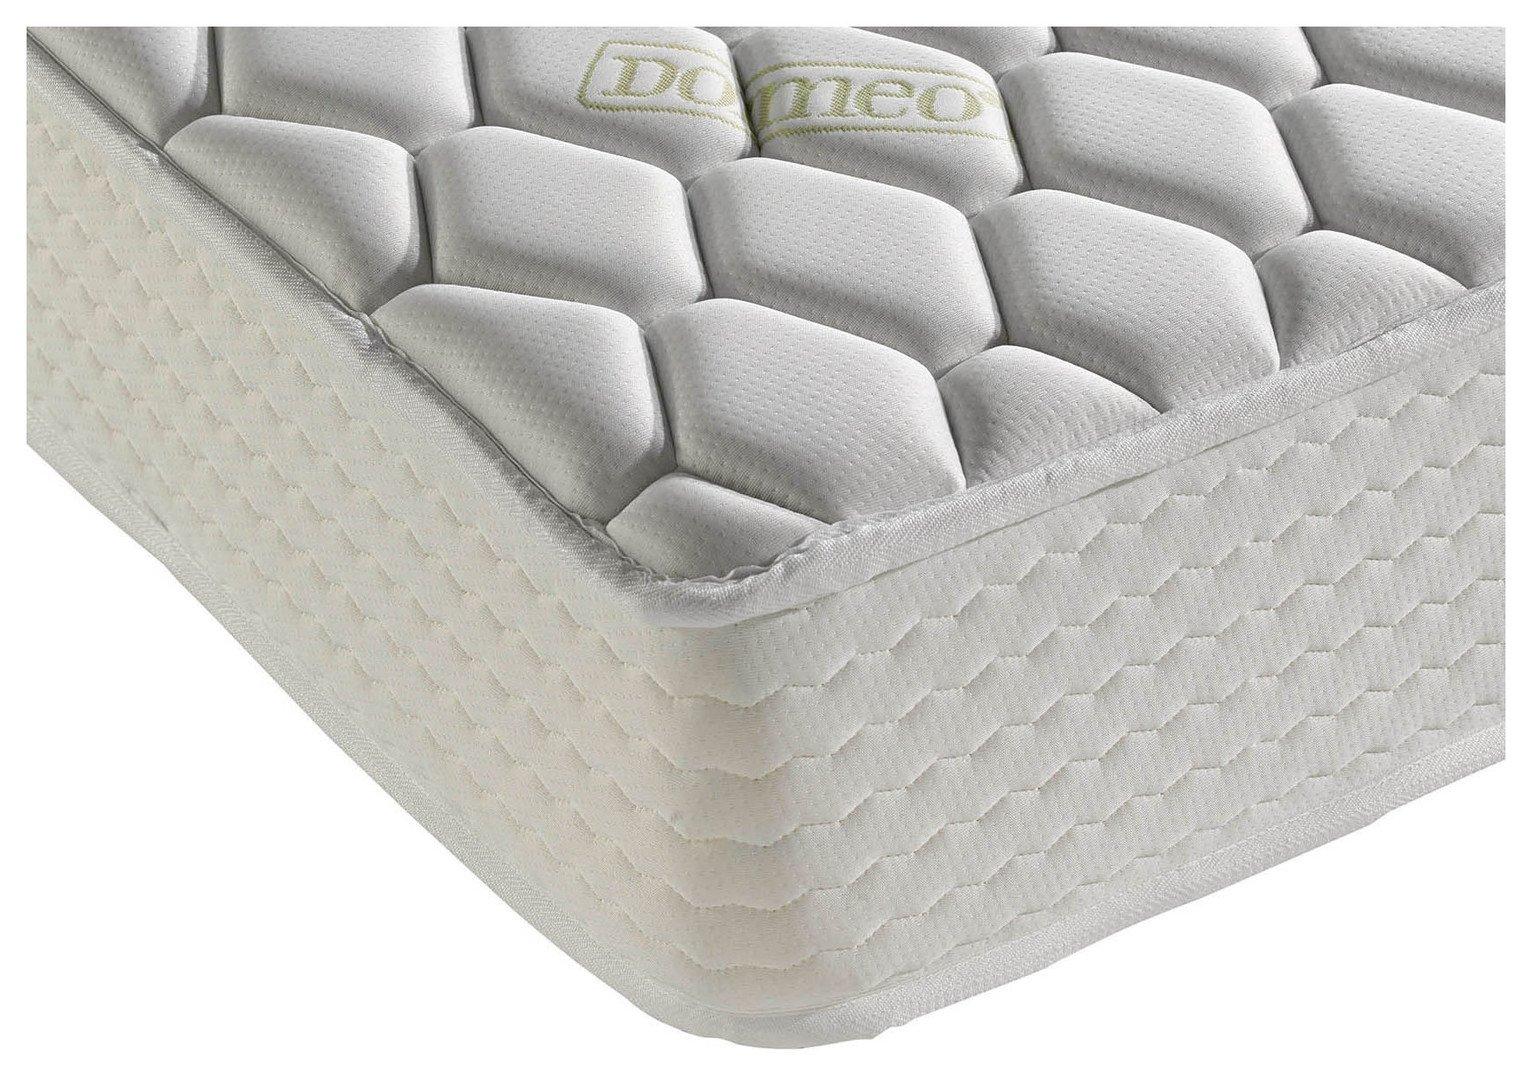 Dormeo Aloe Deluxe Memory Foam Mattress - Superking